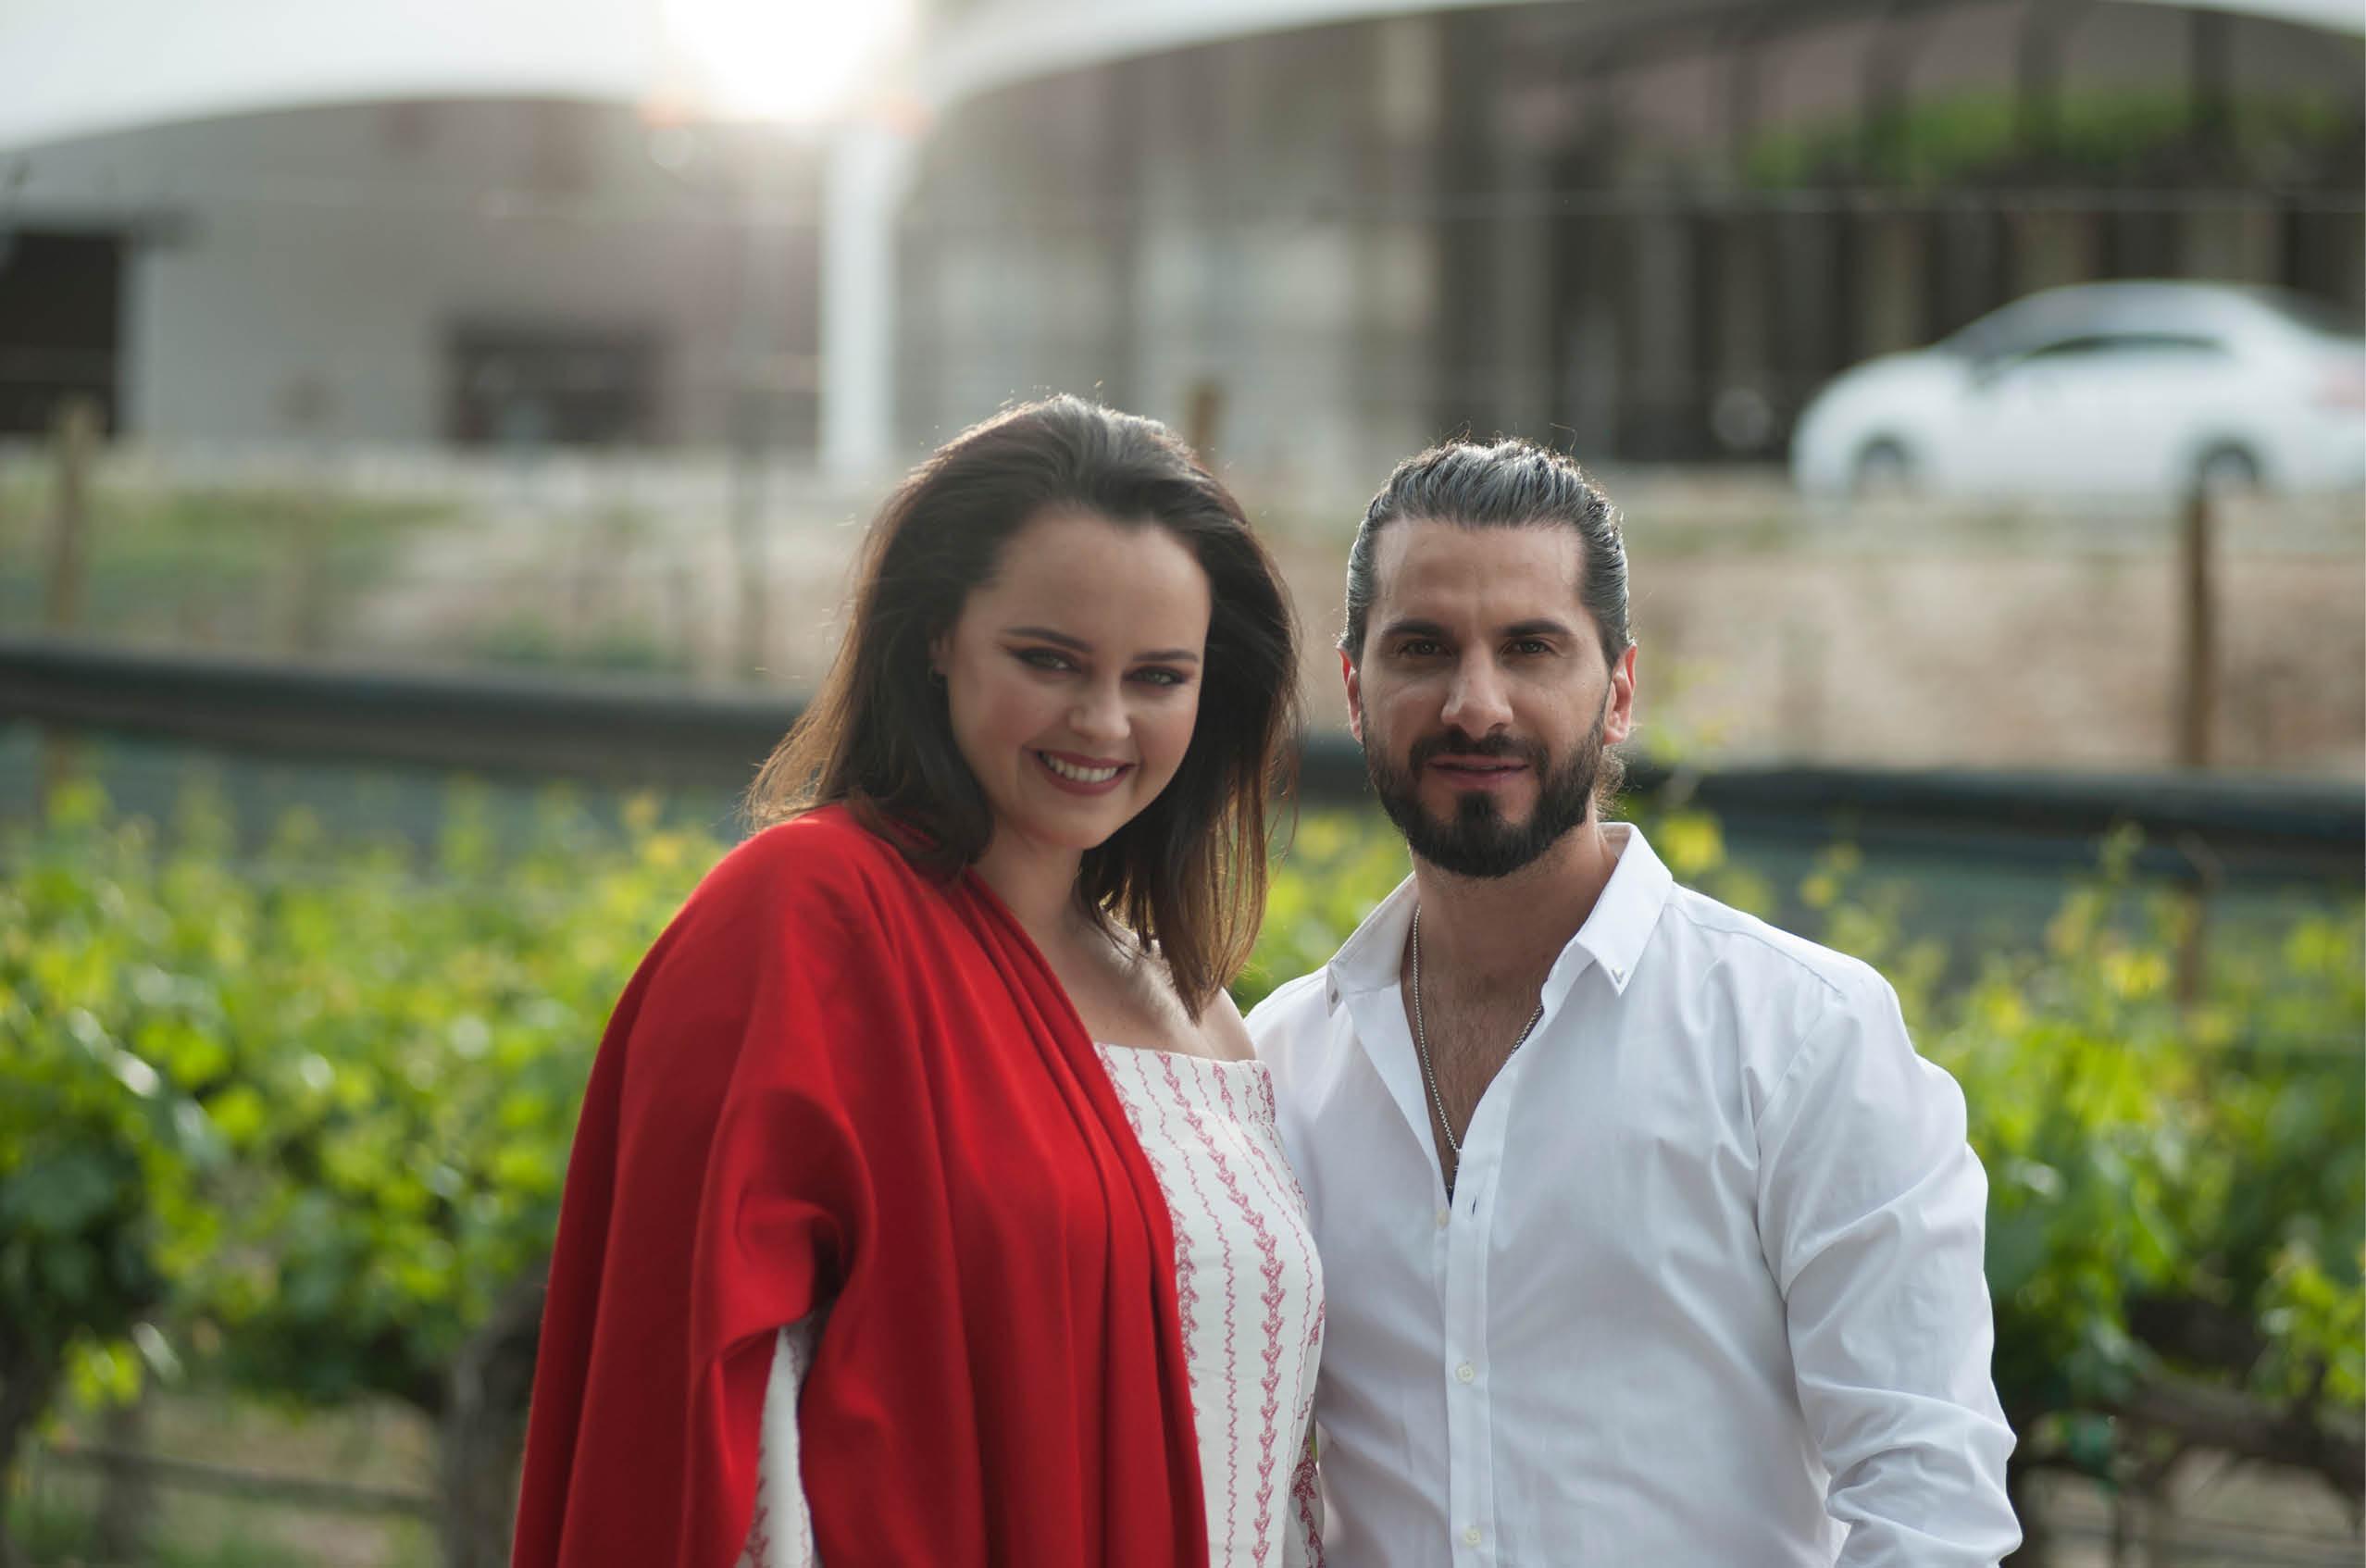 Una Noche no me basta es el tema que Simón León nos presenta a dúo con Shaila Dúrcal